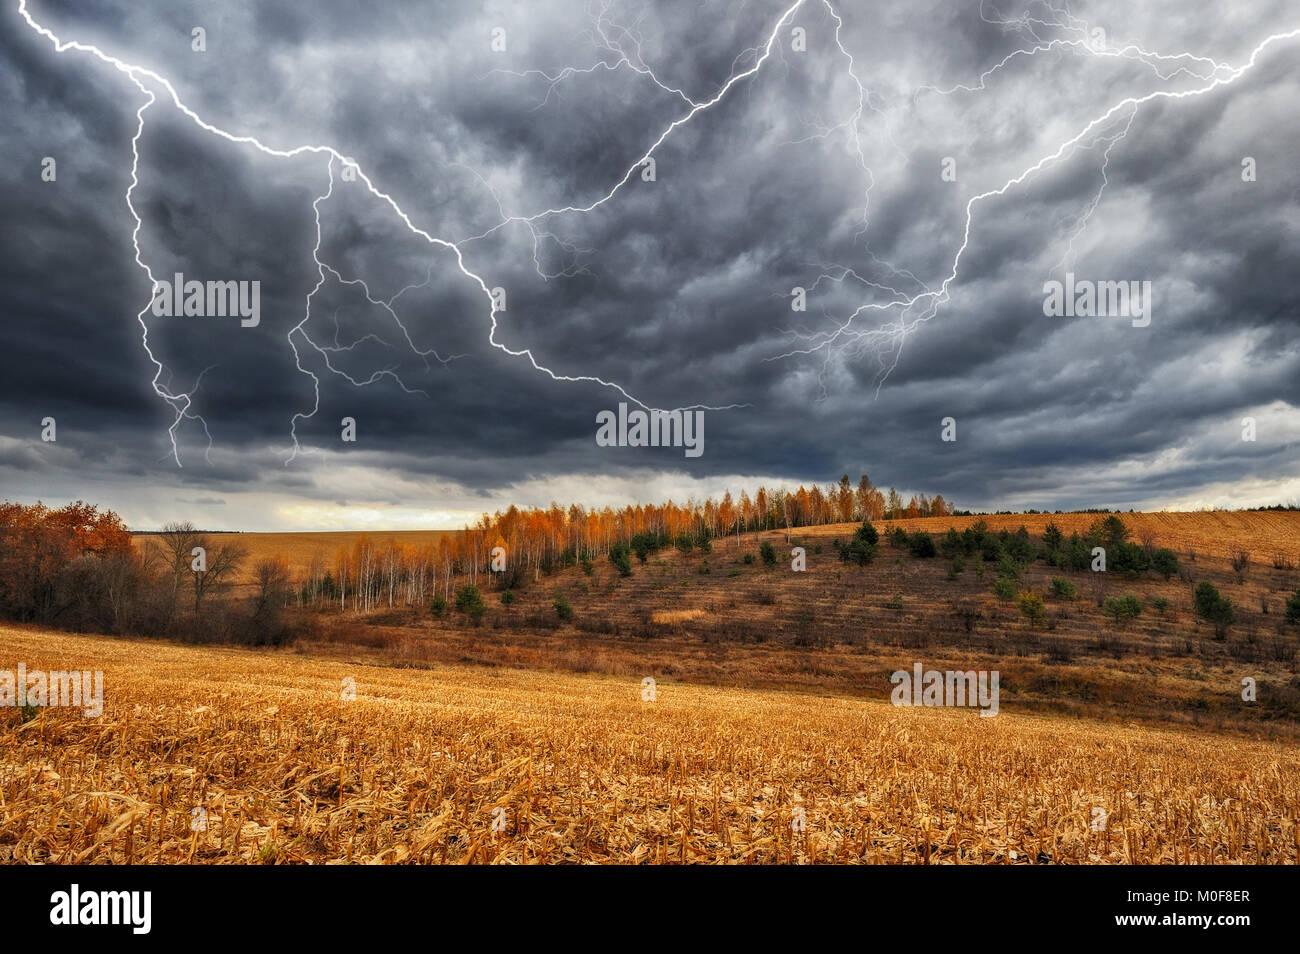 Thunder Sky. un relámpago en el cielo de nubes oscuras. Foto de stock